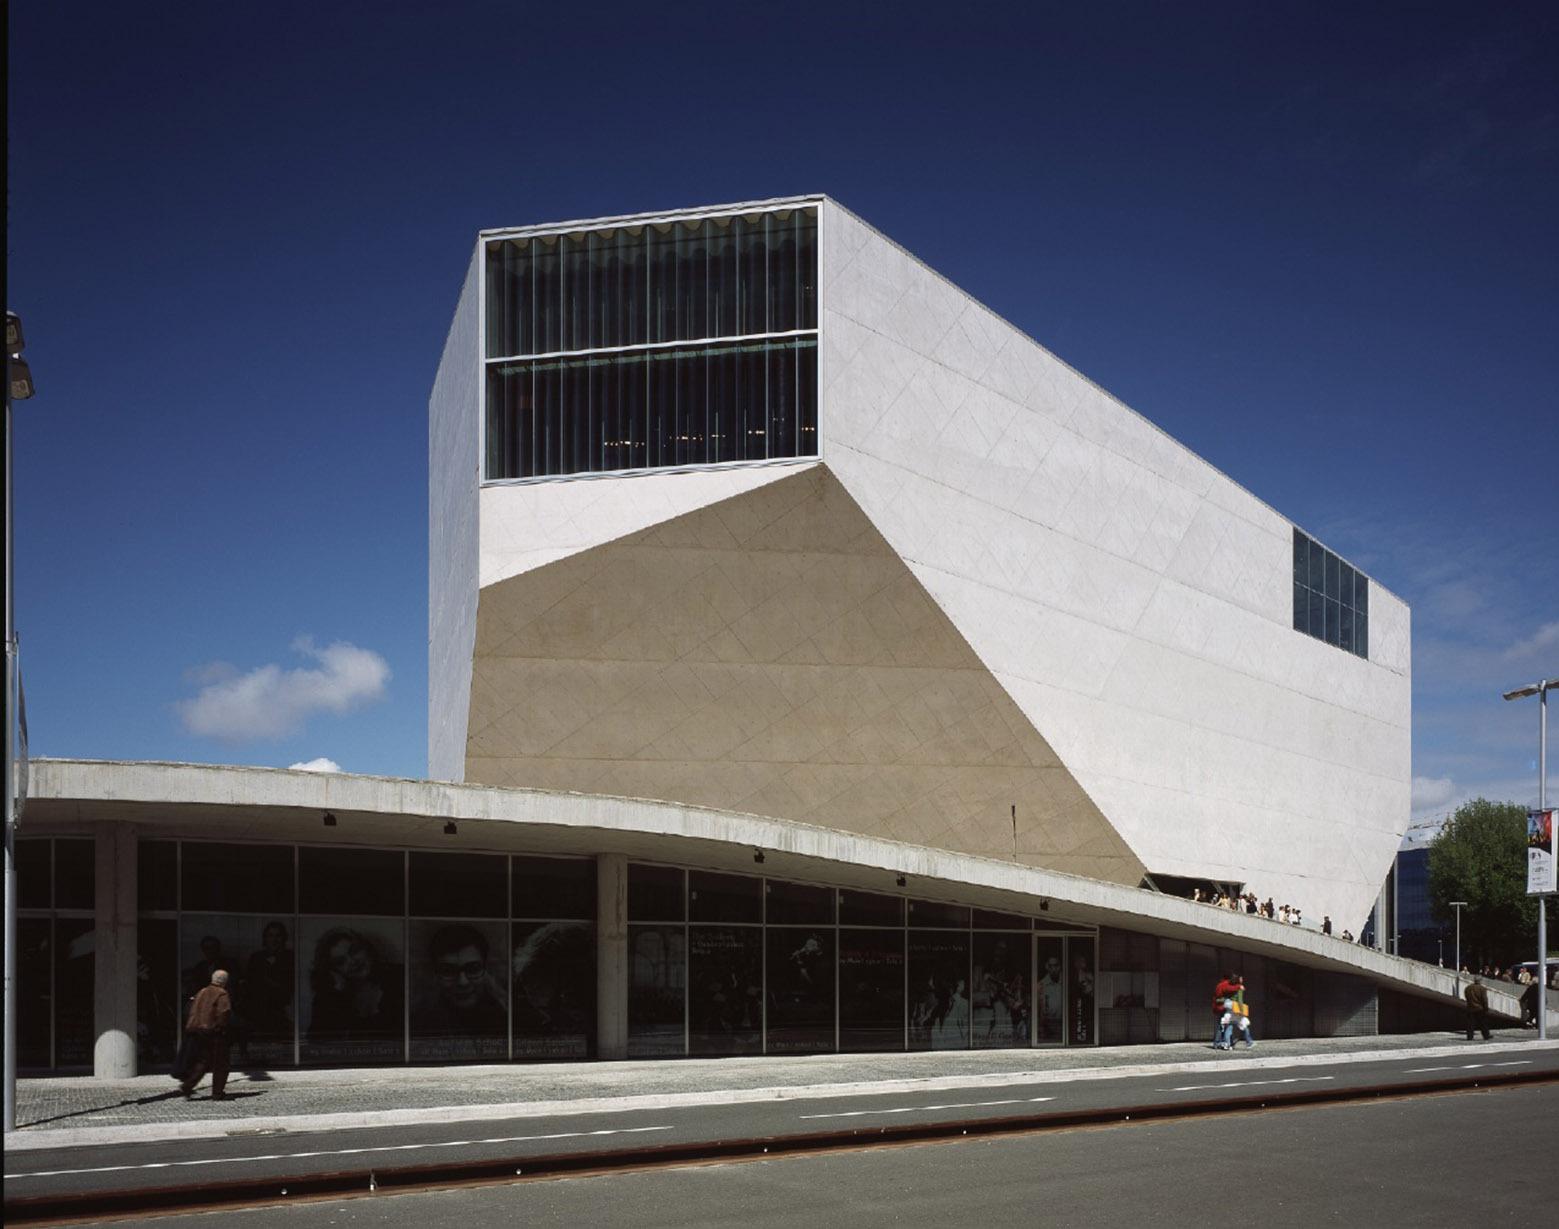 Casa da Musica / OMA (42)